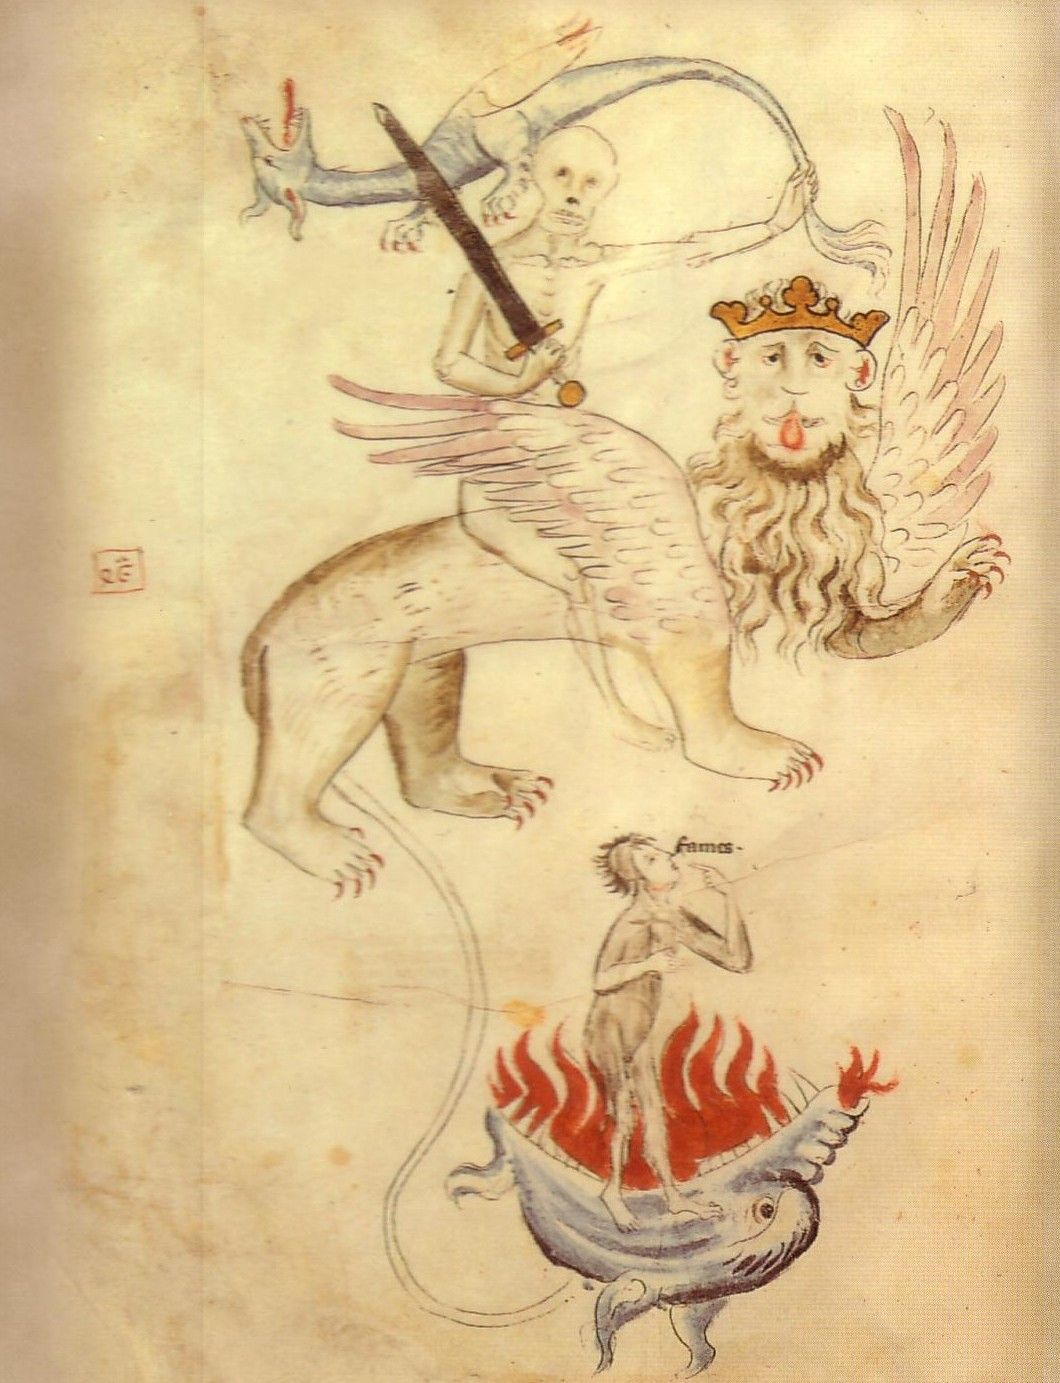 """W latach 1315-1317 klęska głodu kosztowała życie aż sześć milionów Europejczyków! Powyżej ilustracja z """"Biblia Pauperum"""", na której przedstawiono śmierć oraz głód (źródło: domena publiczna)."""